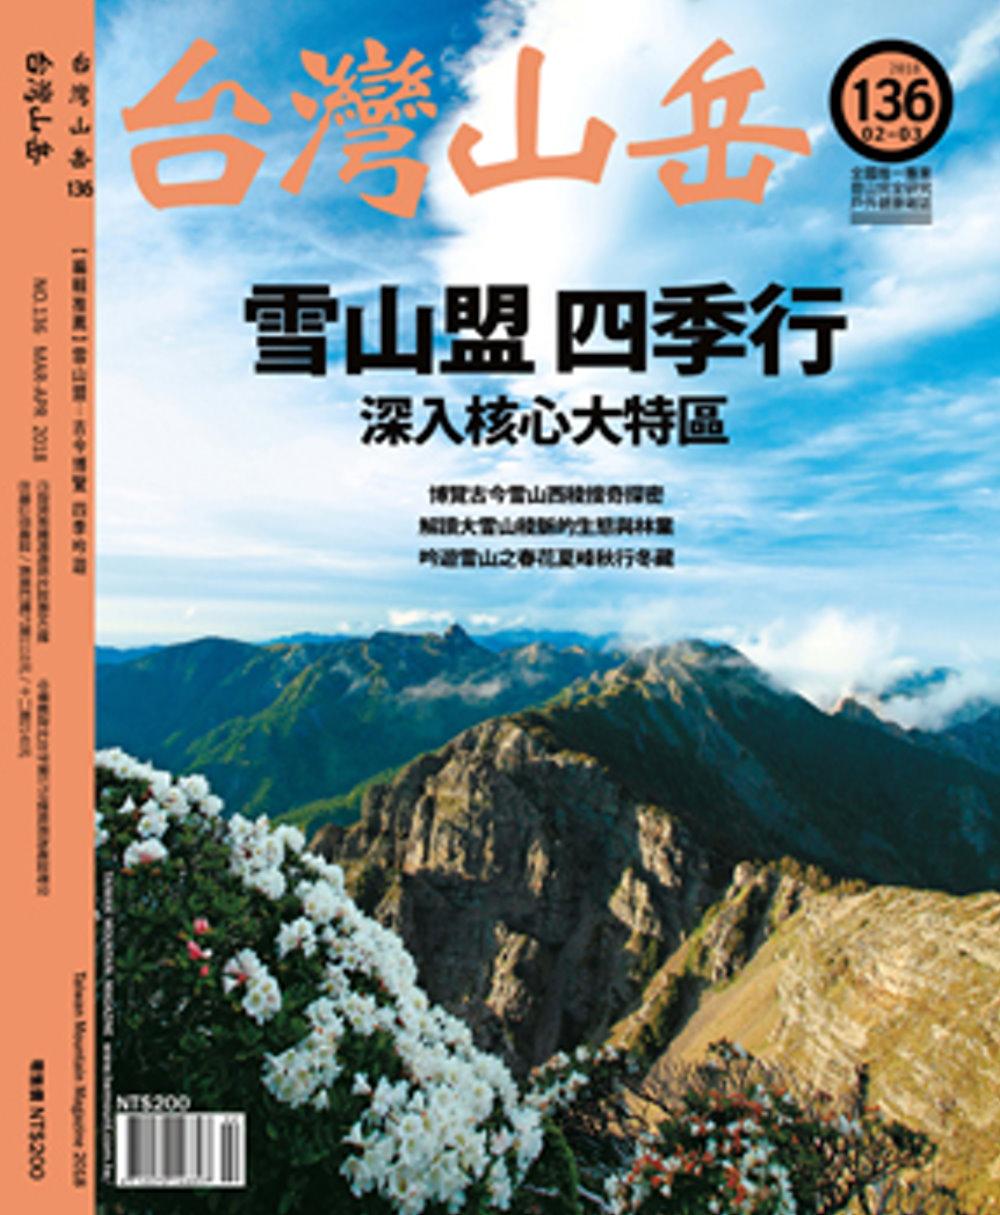 台灣山岳 2.3月號/2018 第136期